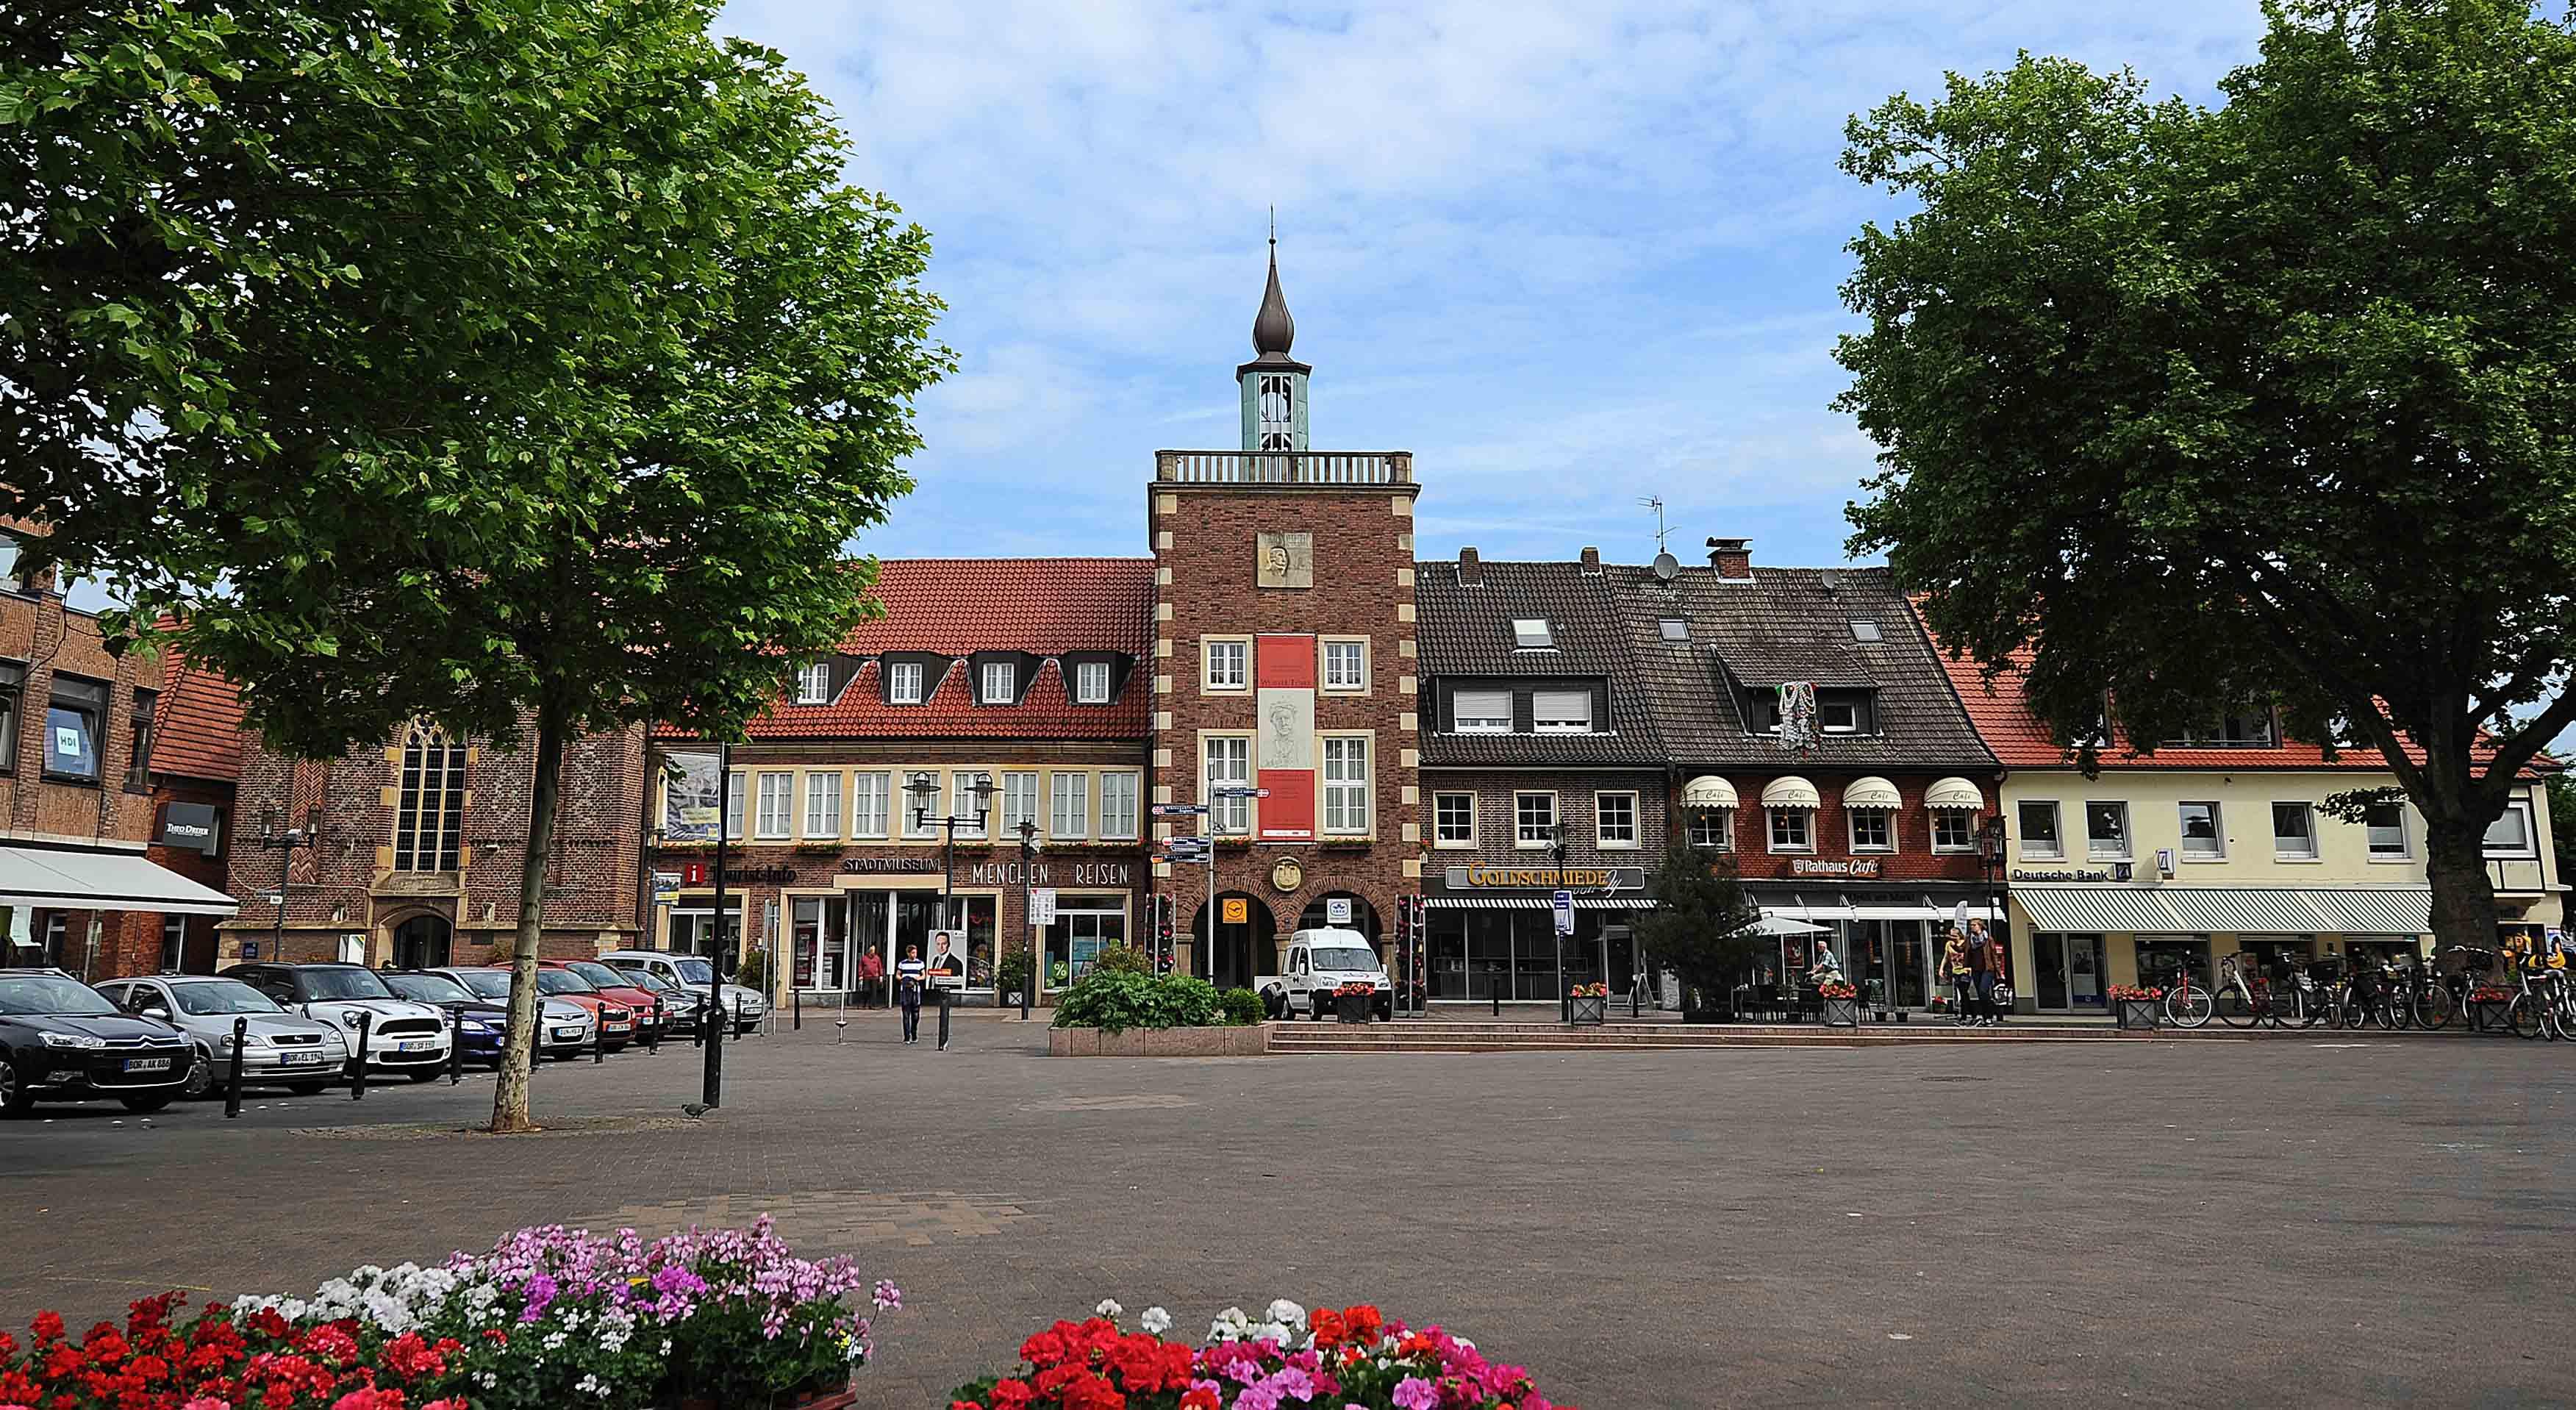 Marktplatz in Borken